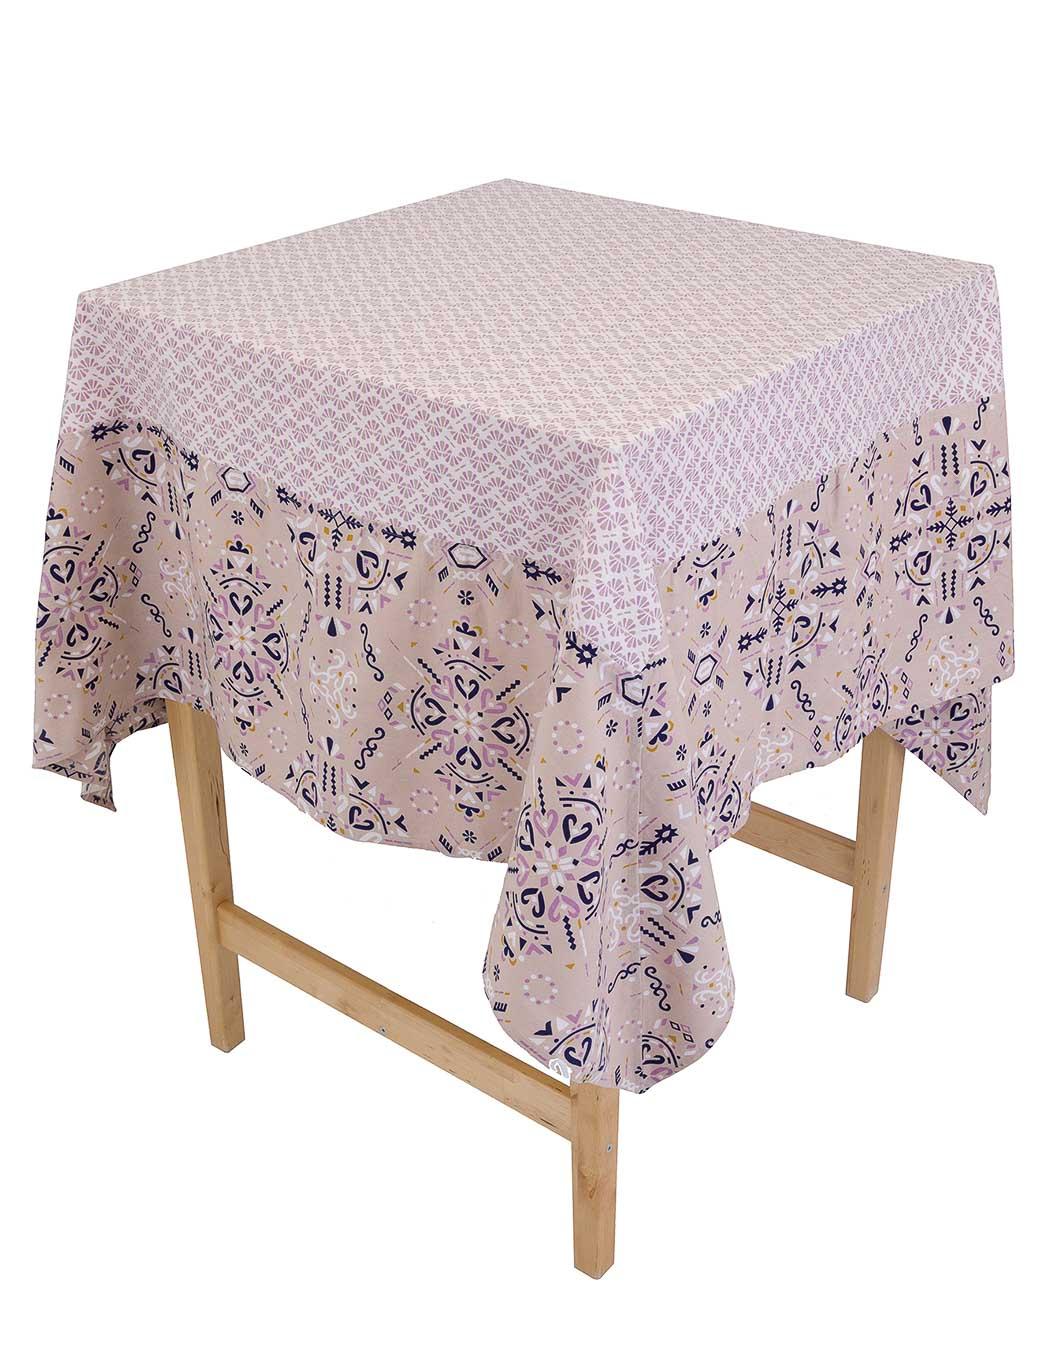 Nappe carrée biprint en coton gres 170 x 170